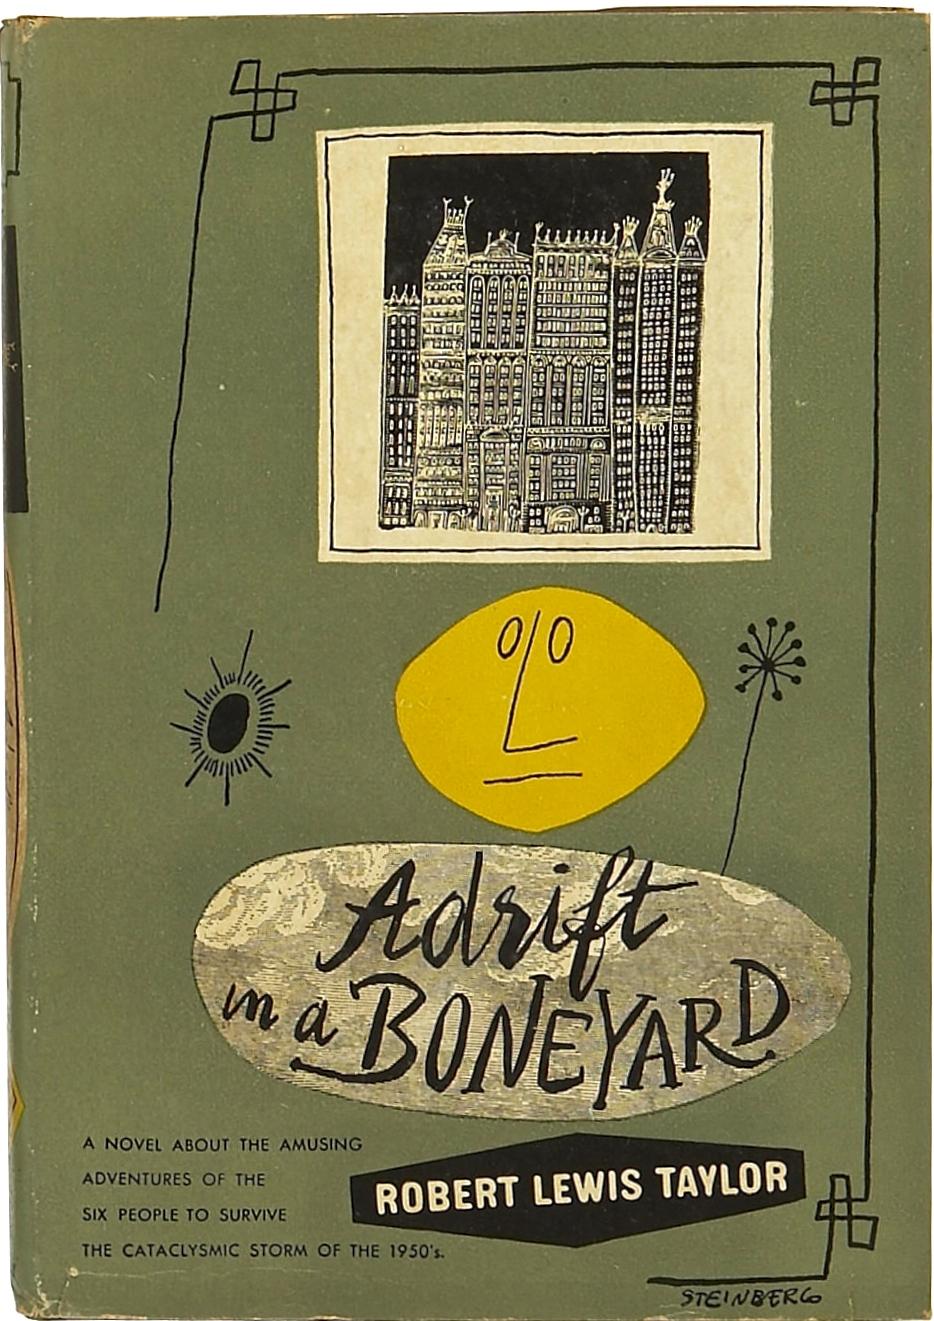 Robert Lewis Taylor. Adrift in a Boneyard. 1947. First edition.